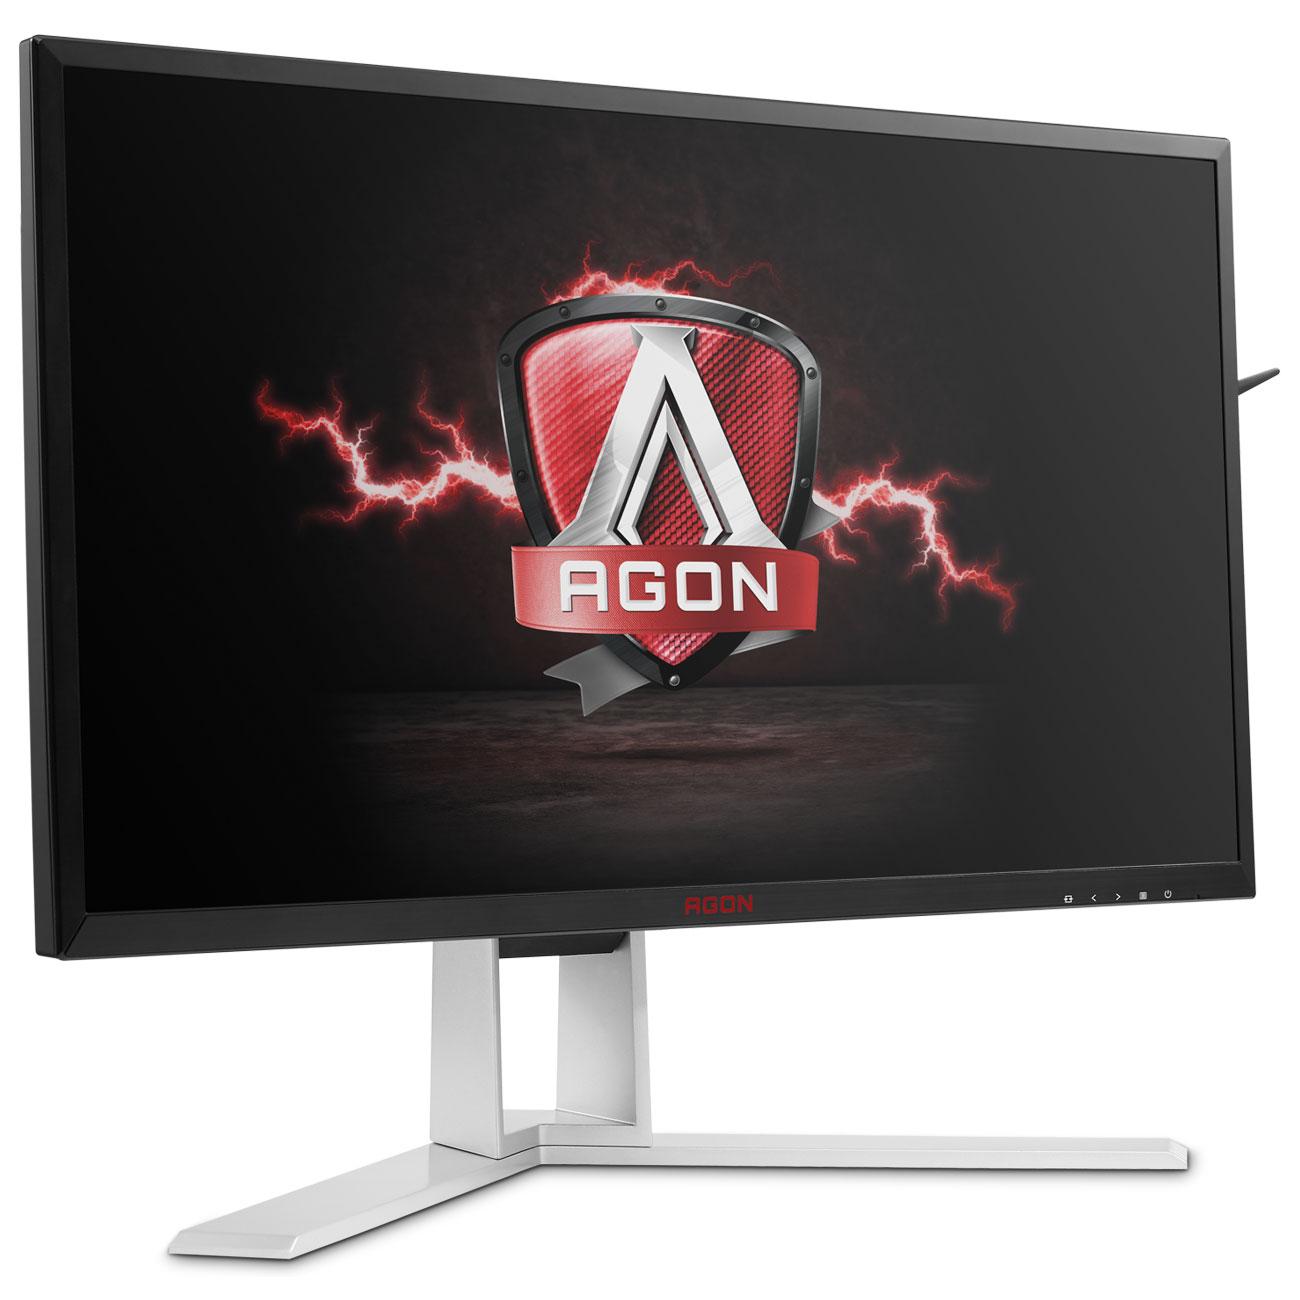 """Ecran PC AOC 27"""" LED - AGON AG271QG G-SYNC 2560 x 1440 pixels - 4 ms (gris à gris) - Format large 16/9 - Dalle IPS - 144 Hz - G-SYNC - DisplayPort - HDMI - Pivot - Hub 3.0 - Noir/Rouge/Argent"""